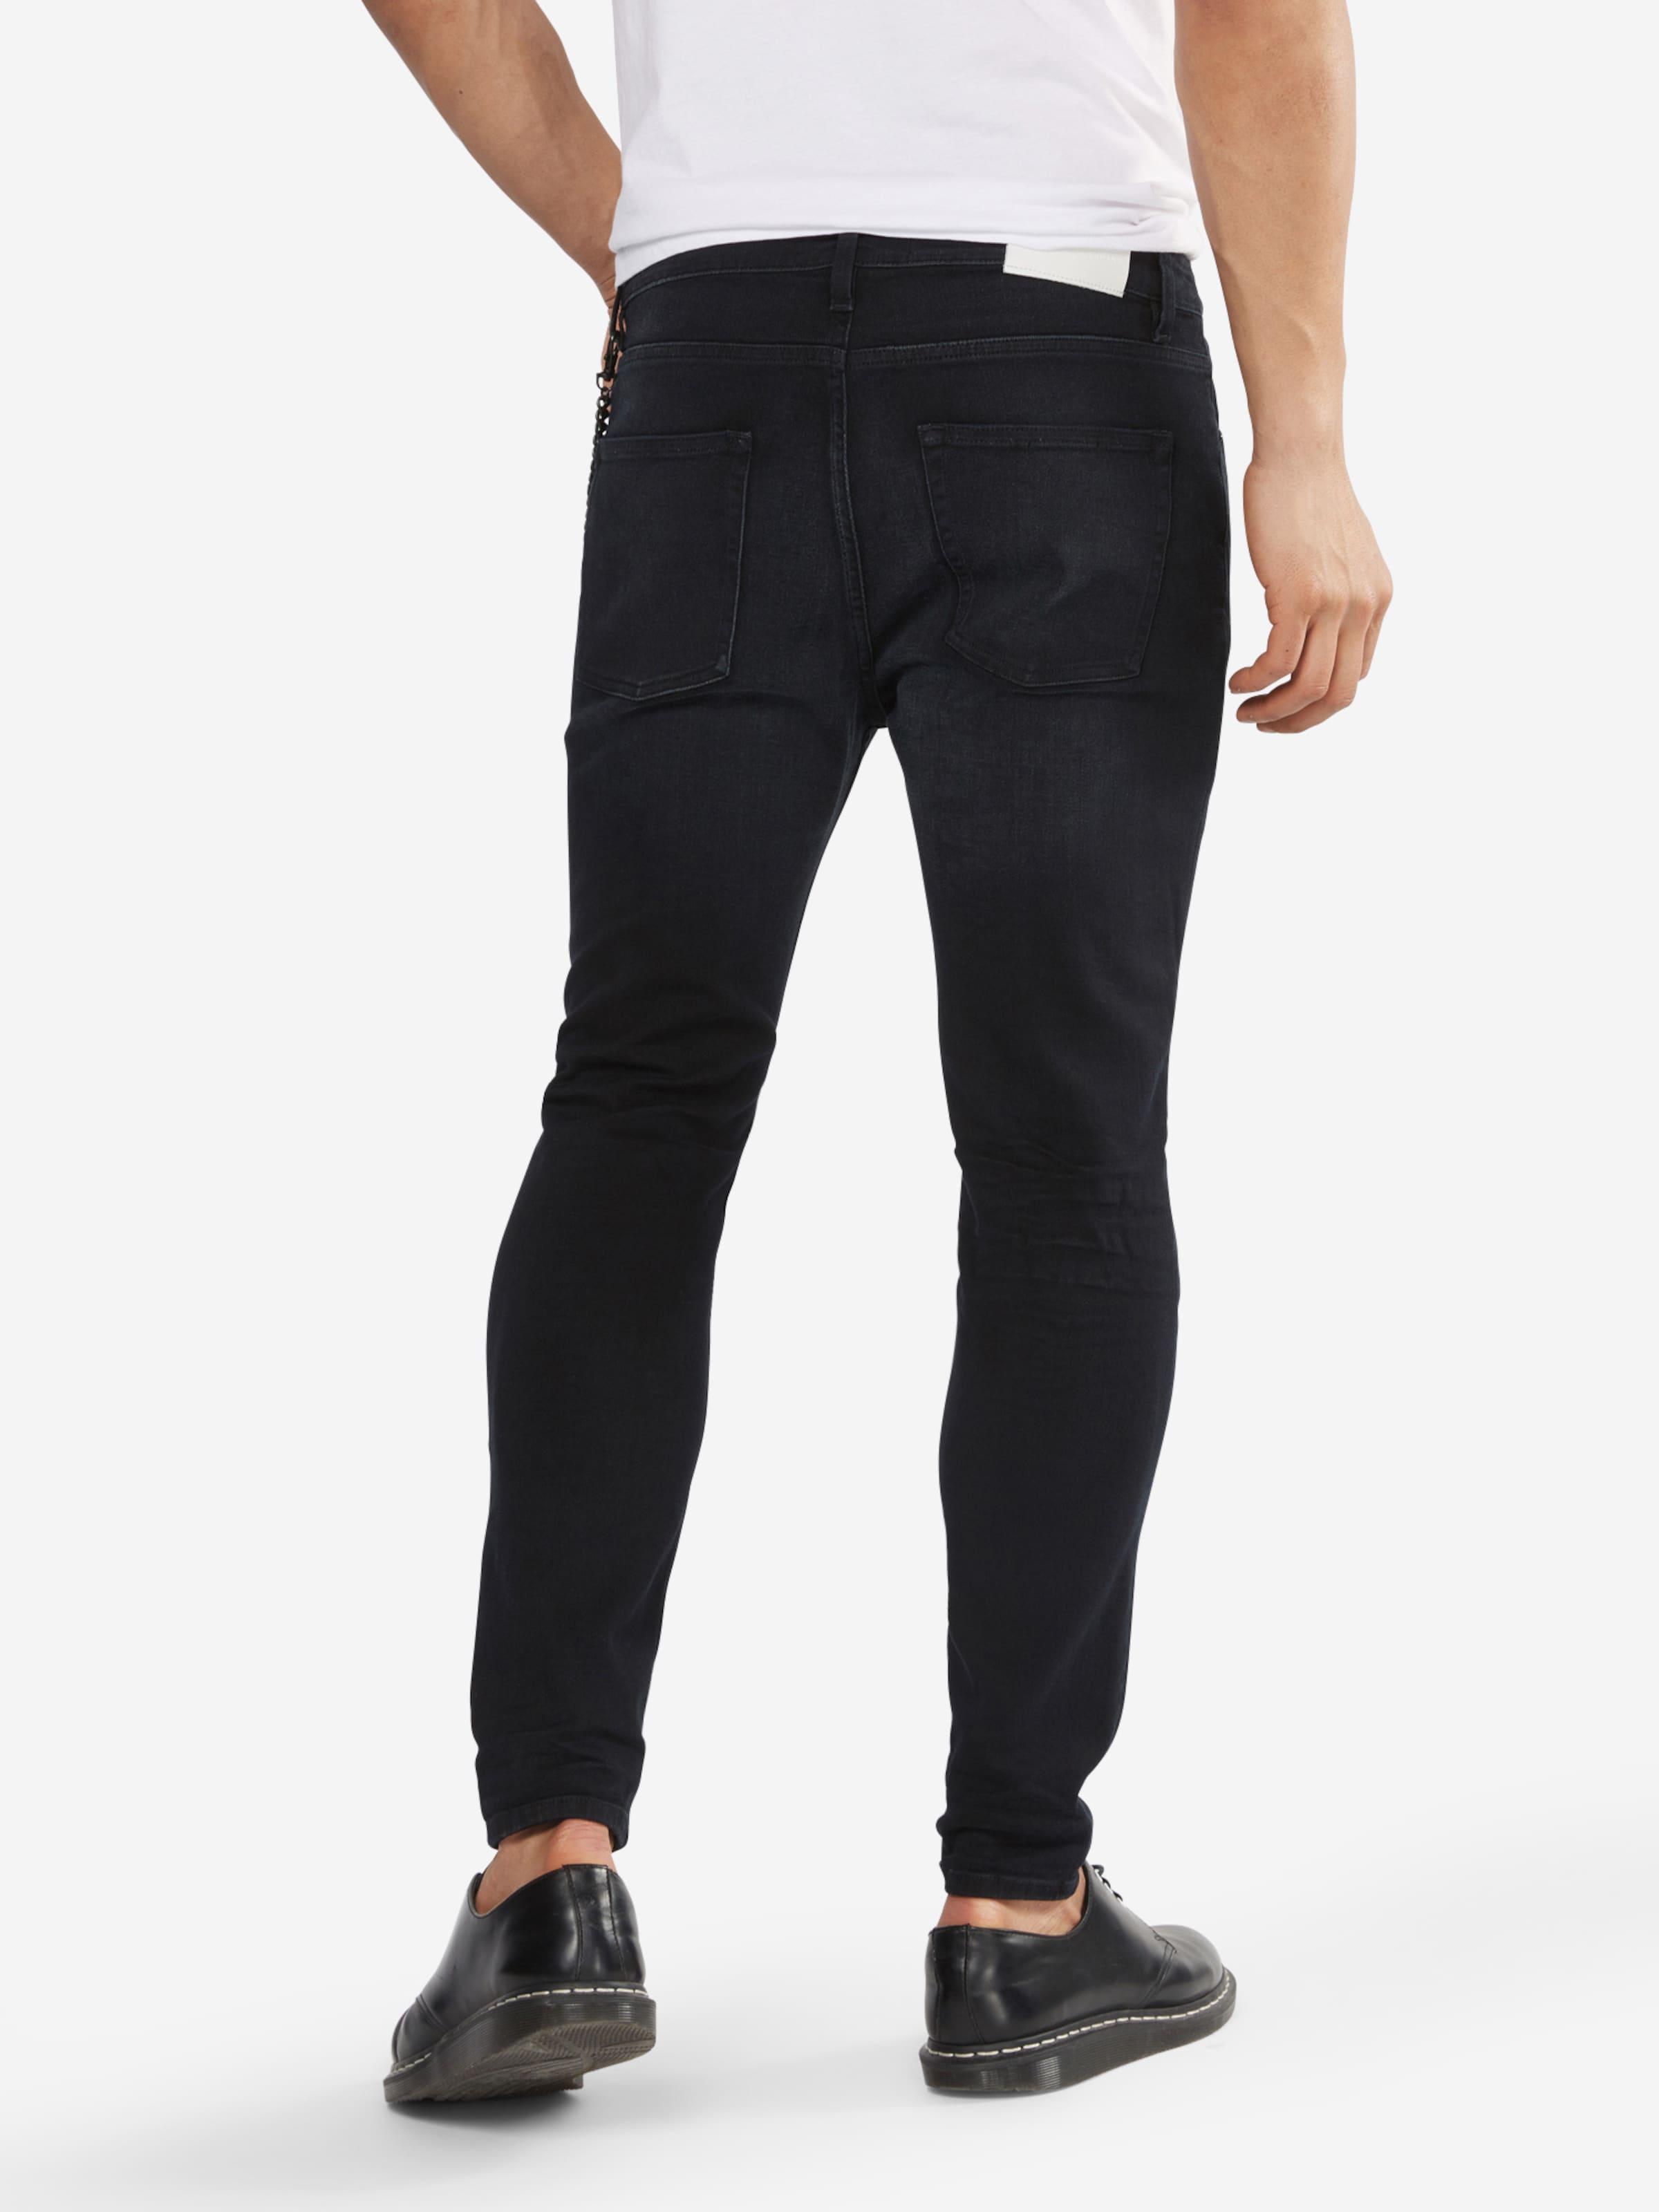 Günstigsten Online The Kooples Skinny Jeans Angebote Günstig Online ewjsBSX2r